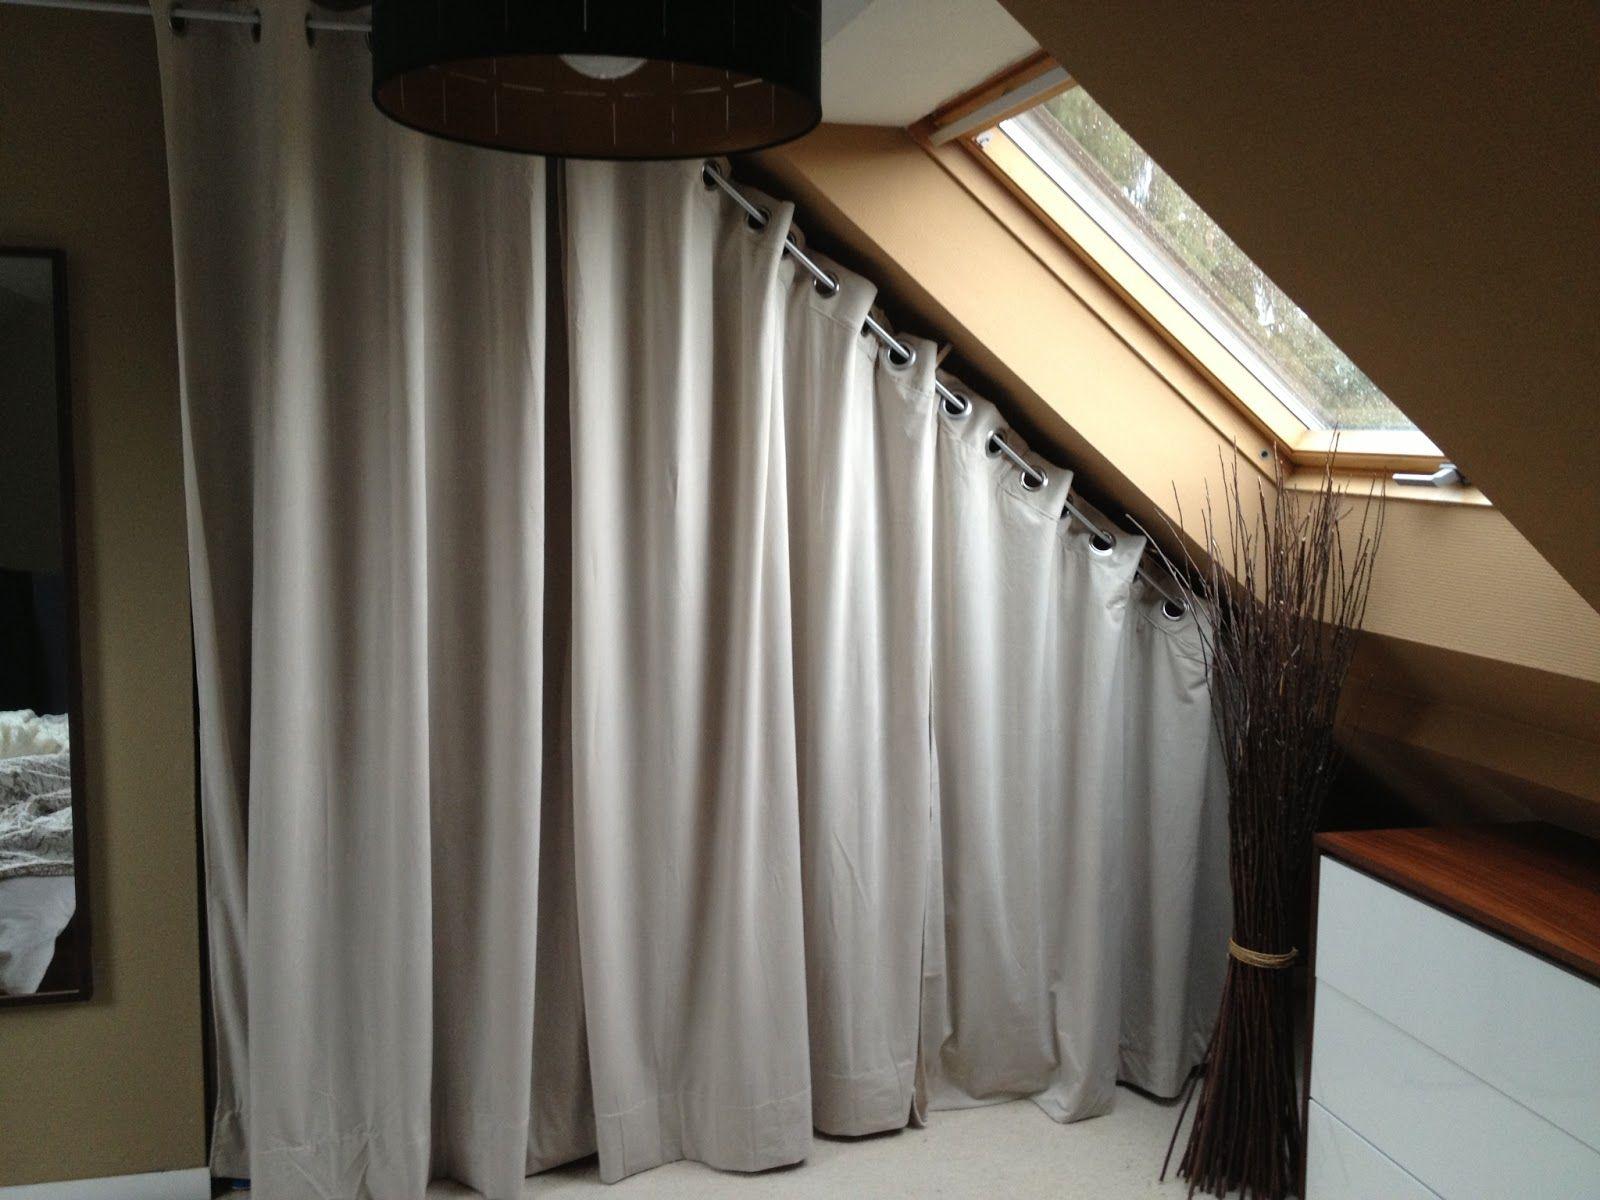 astuce rideau sous pente trucs et astuces pinterest astuces truc et blog. Black Bedroom Furniture Sets. Home Design Ideas